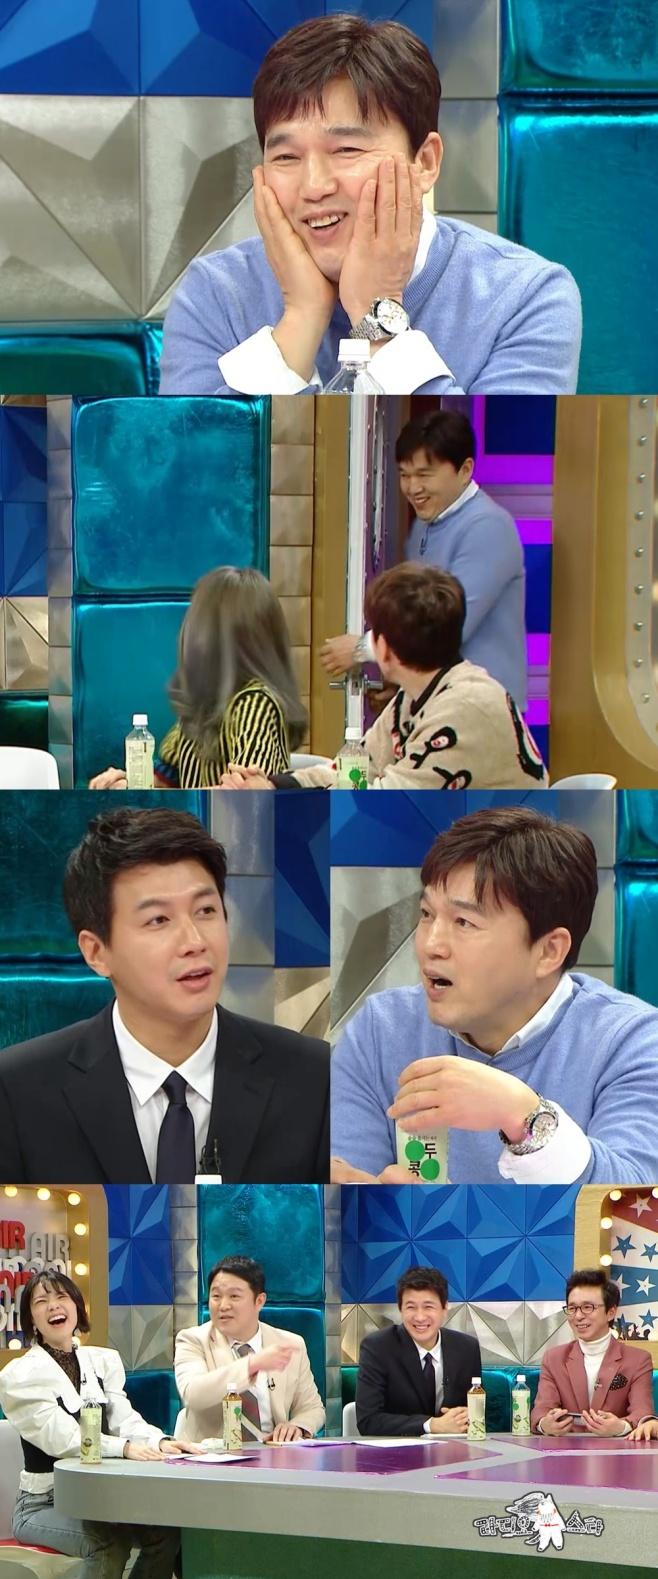 라디오스타, 김광규, 기생충, 봉준호, 이선균